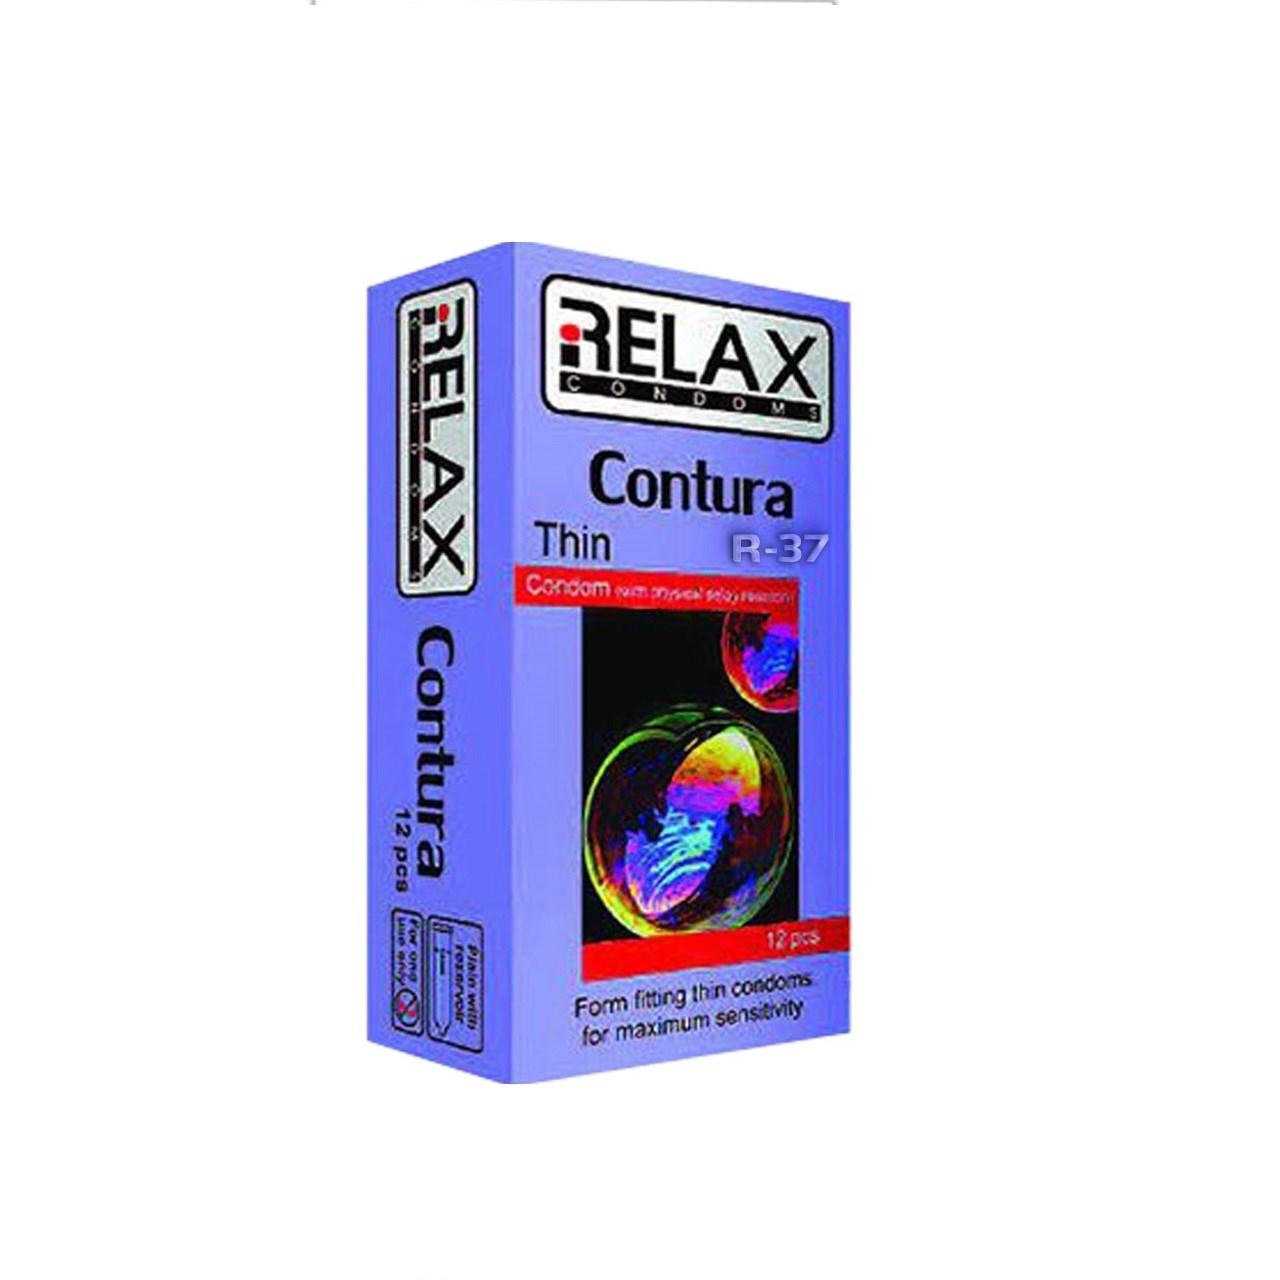 کاندوم ریلکس مدل CONTURA TINE کد R38 بسته 12عددی